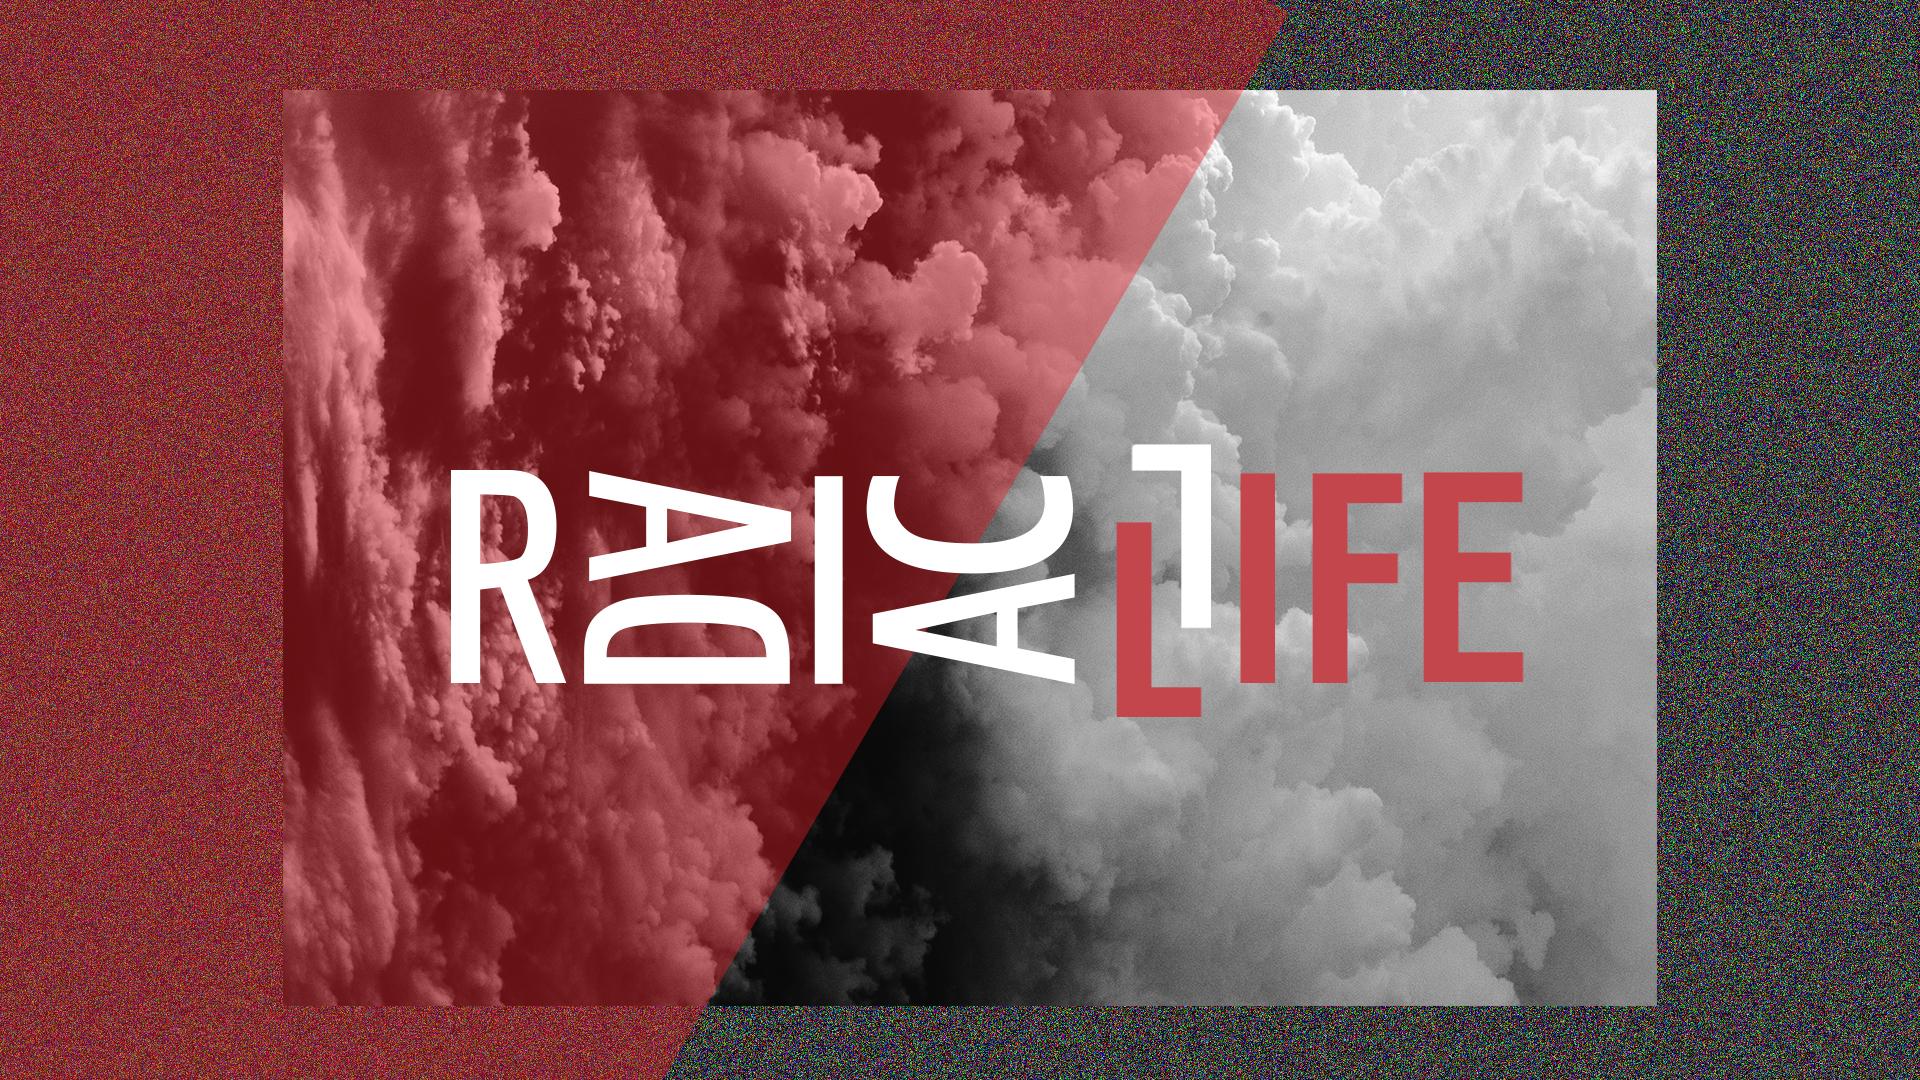 Radical Life_Slides_1920x1080.jpg